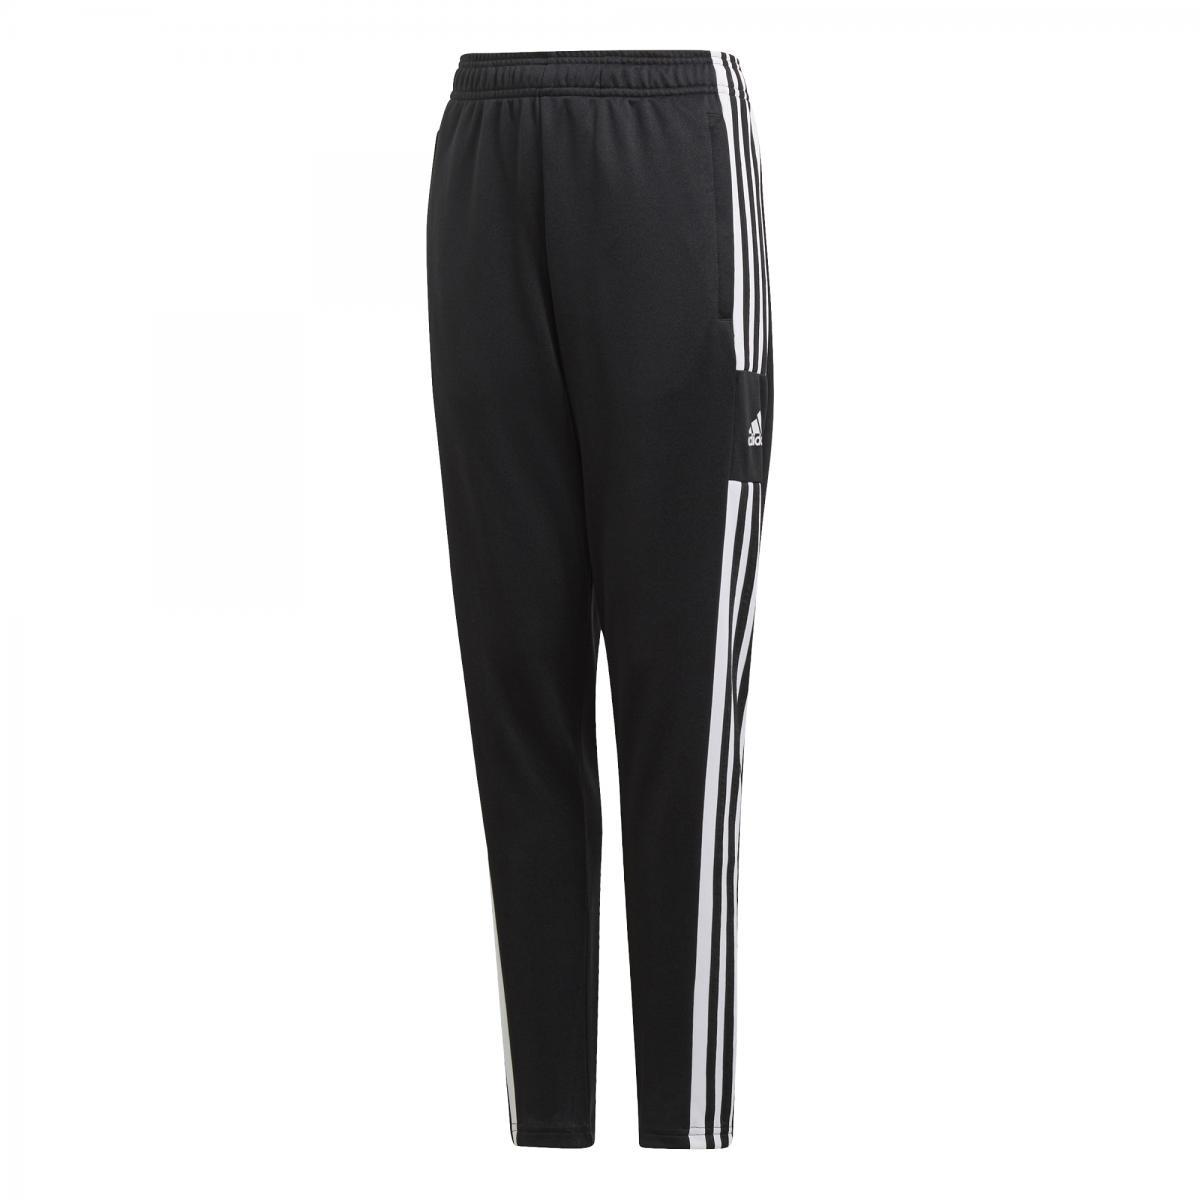 Adidas  Sq21 Tr Pnt Y, joggebukse, junior